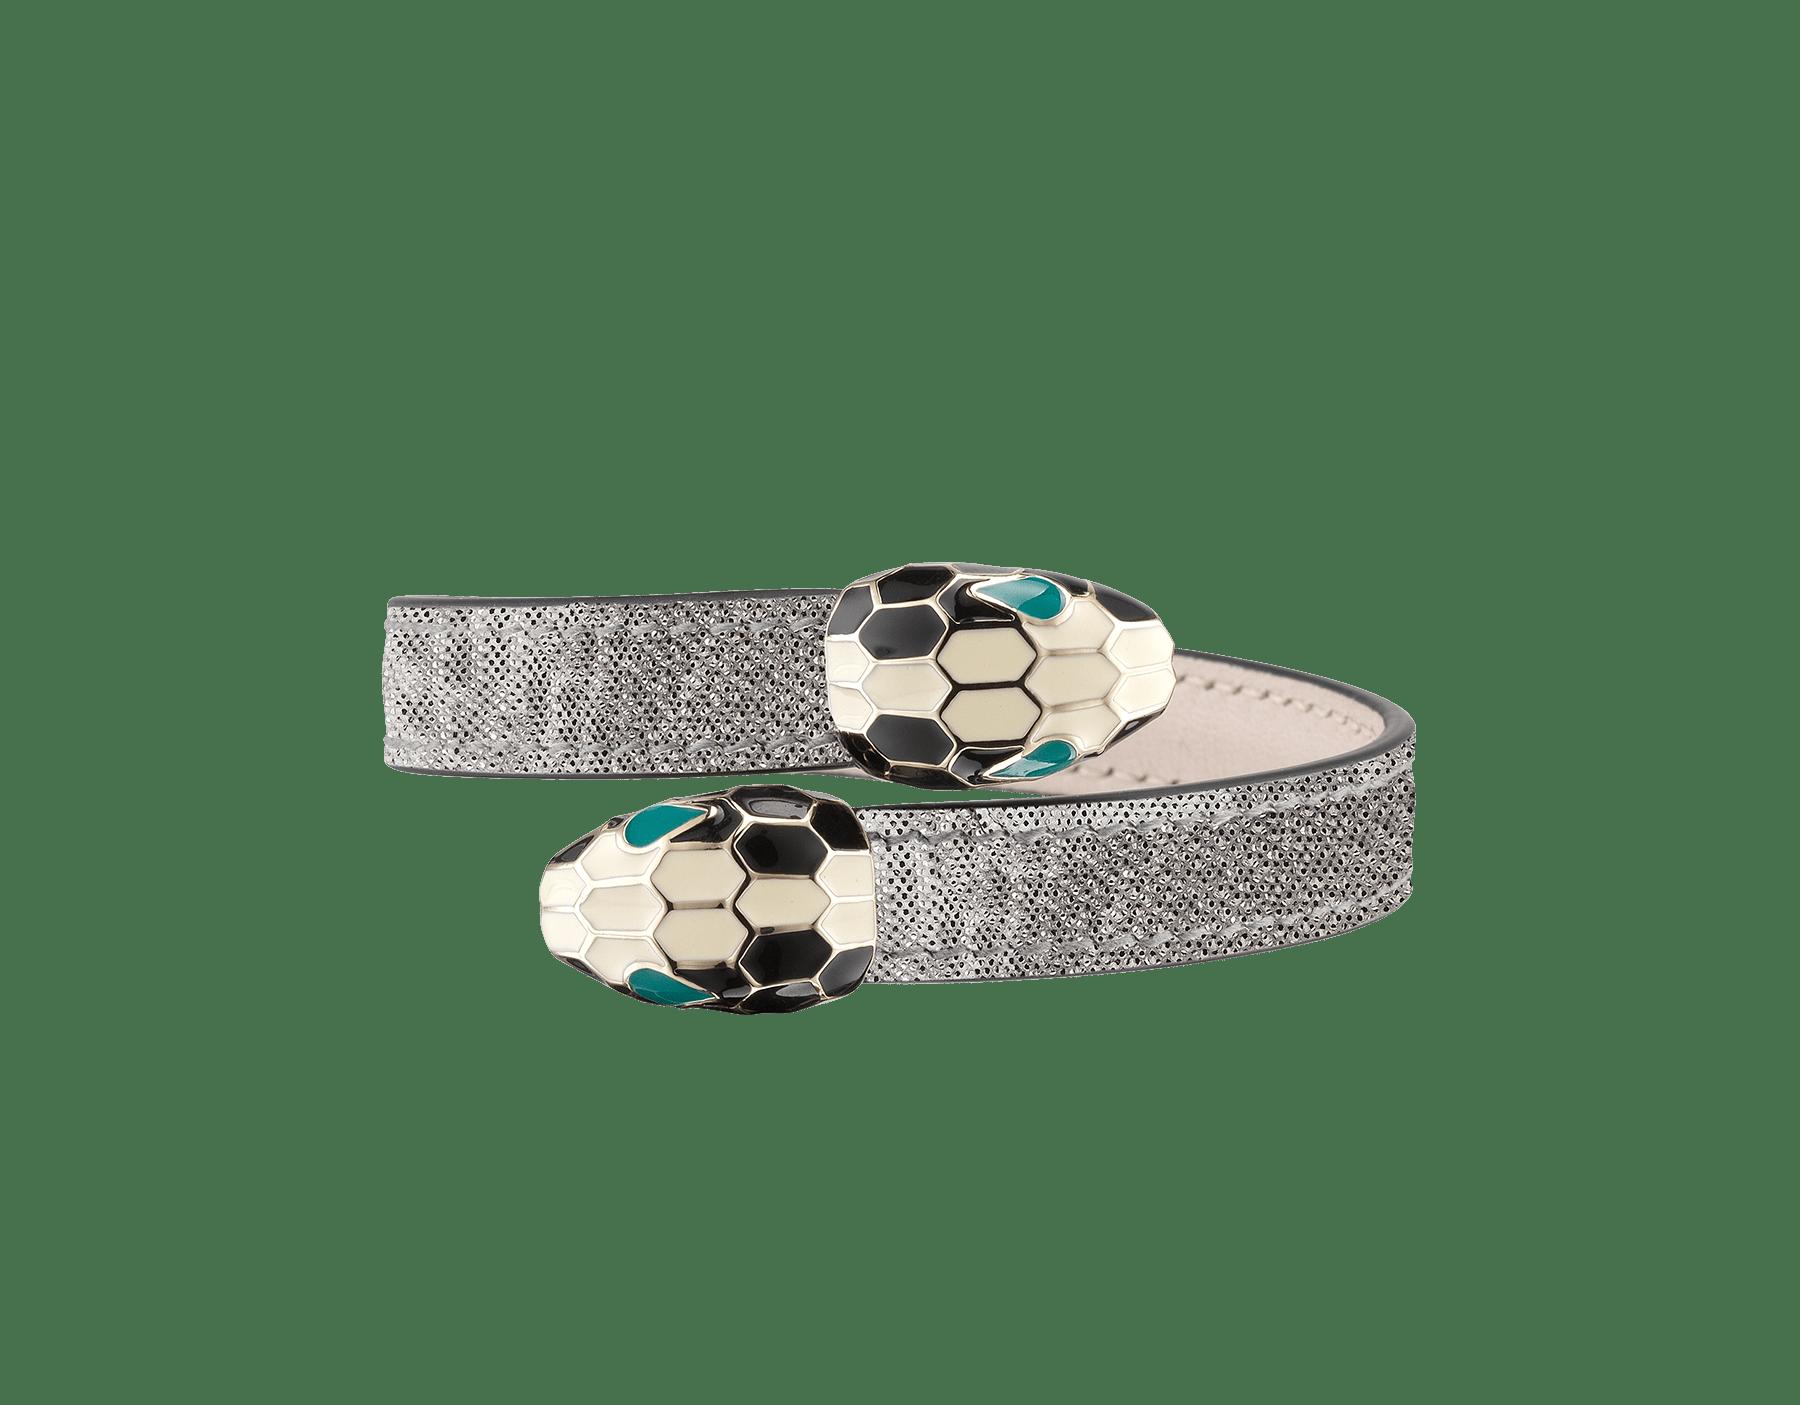 Serpenti Forever 銀色金屬光澤水蛇皮軟手鐲,淡金色黃銅配飾。經典對向蛇頭元素飾以黑色和白色琺瑯,蛇眼鑲飾綠色琺瑯。 SerpSoftContr-MK-S image 1